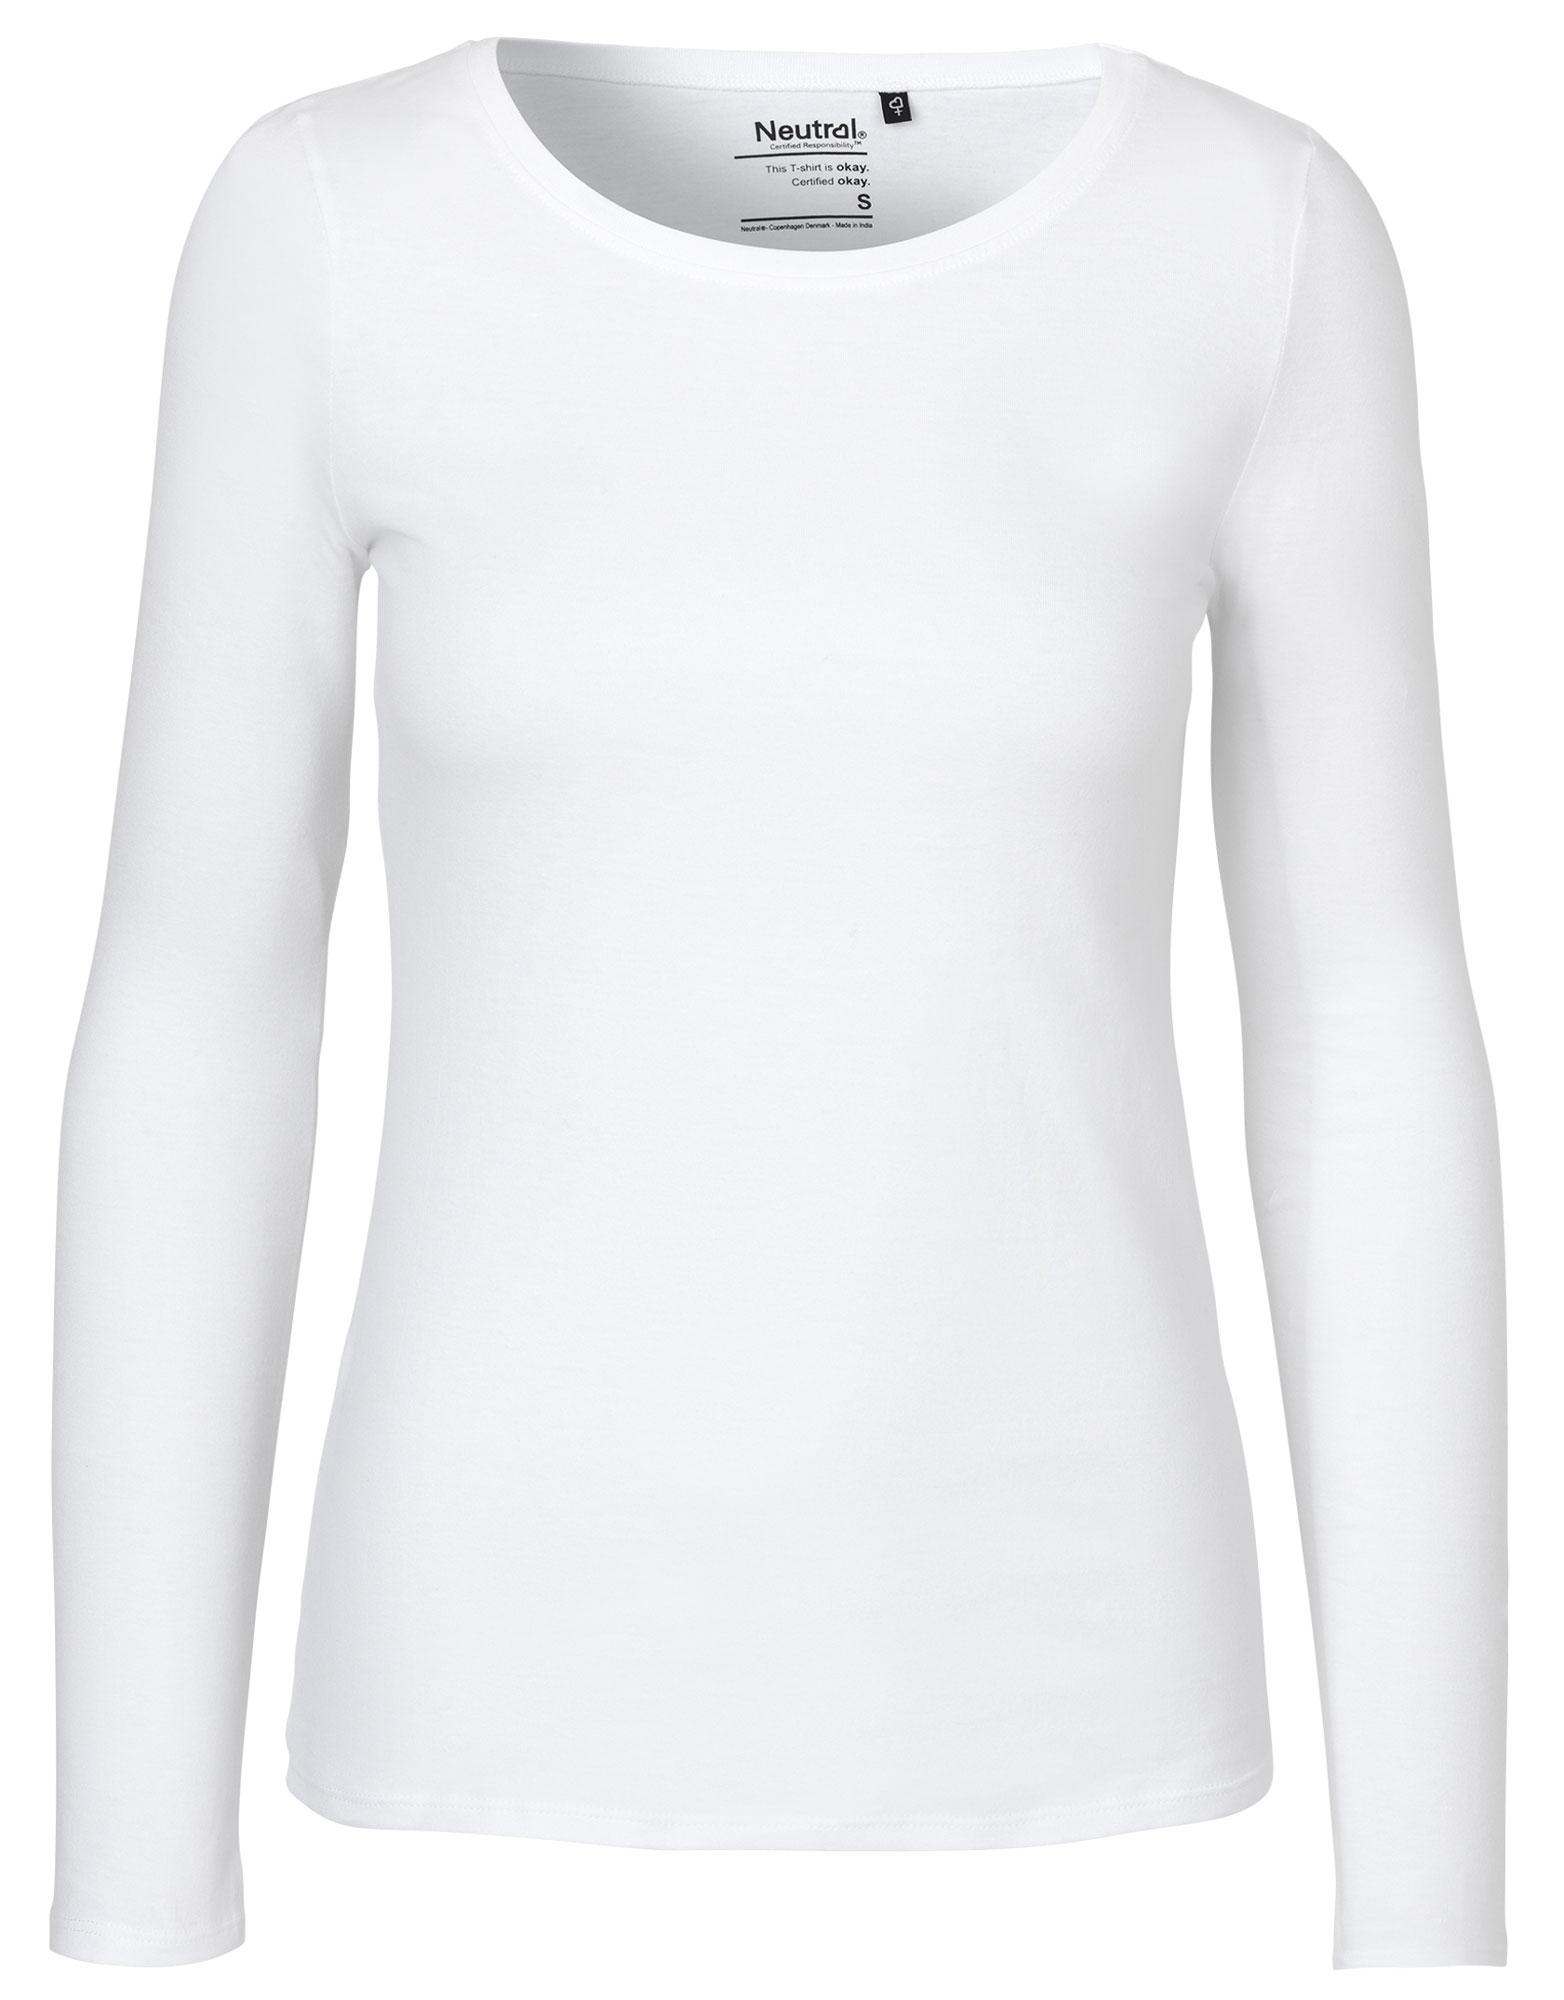 60e76a7e62a6fb Damen Longsleeve aus Bio-Baumwolle in weiß